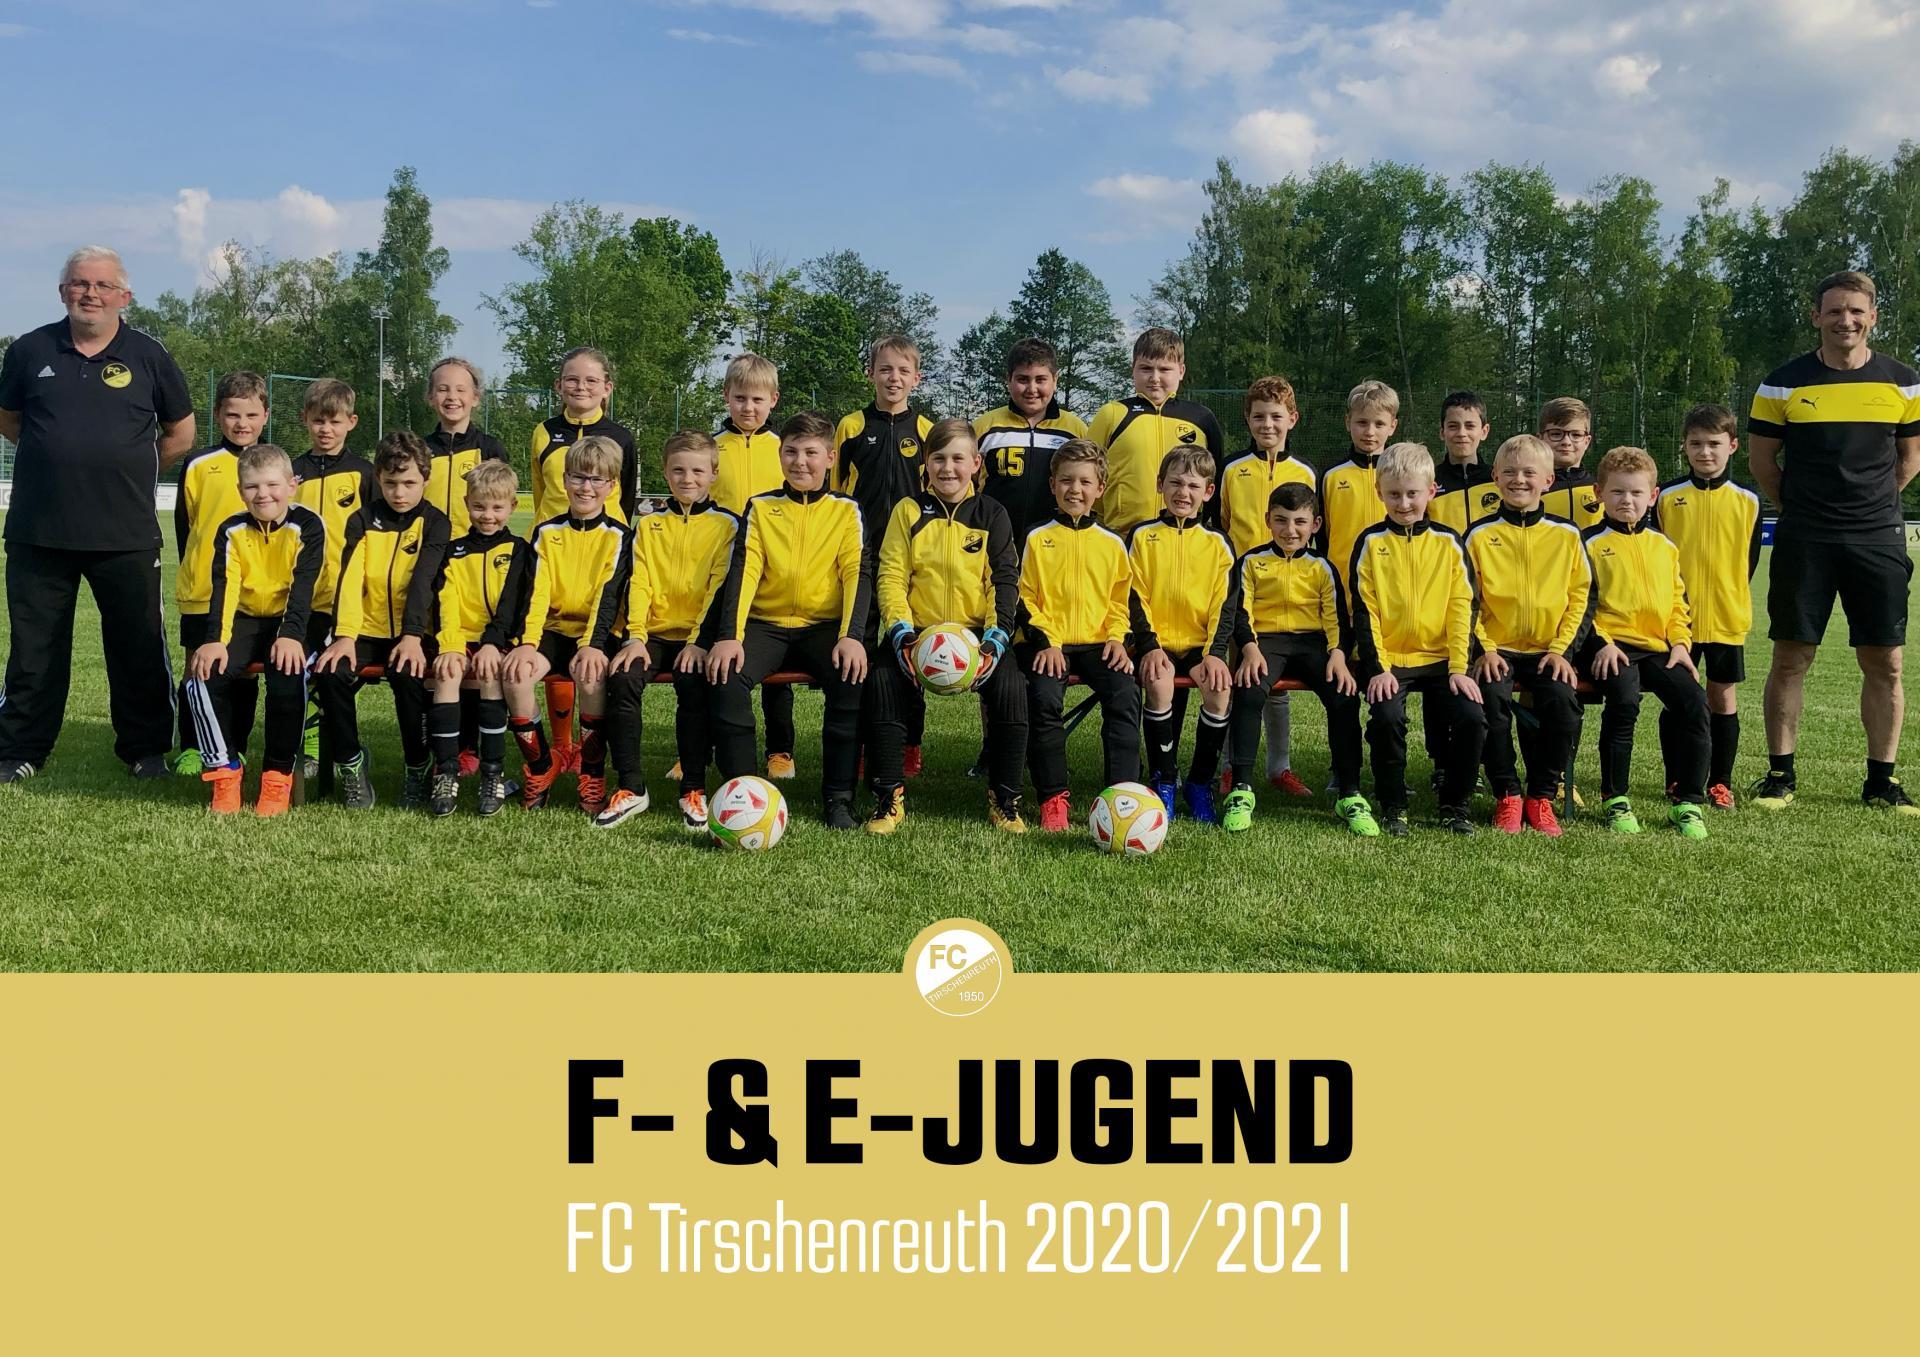 E-Jugend 2020/2021